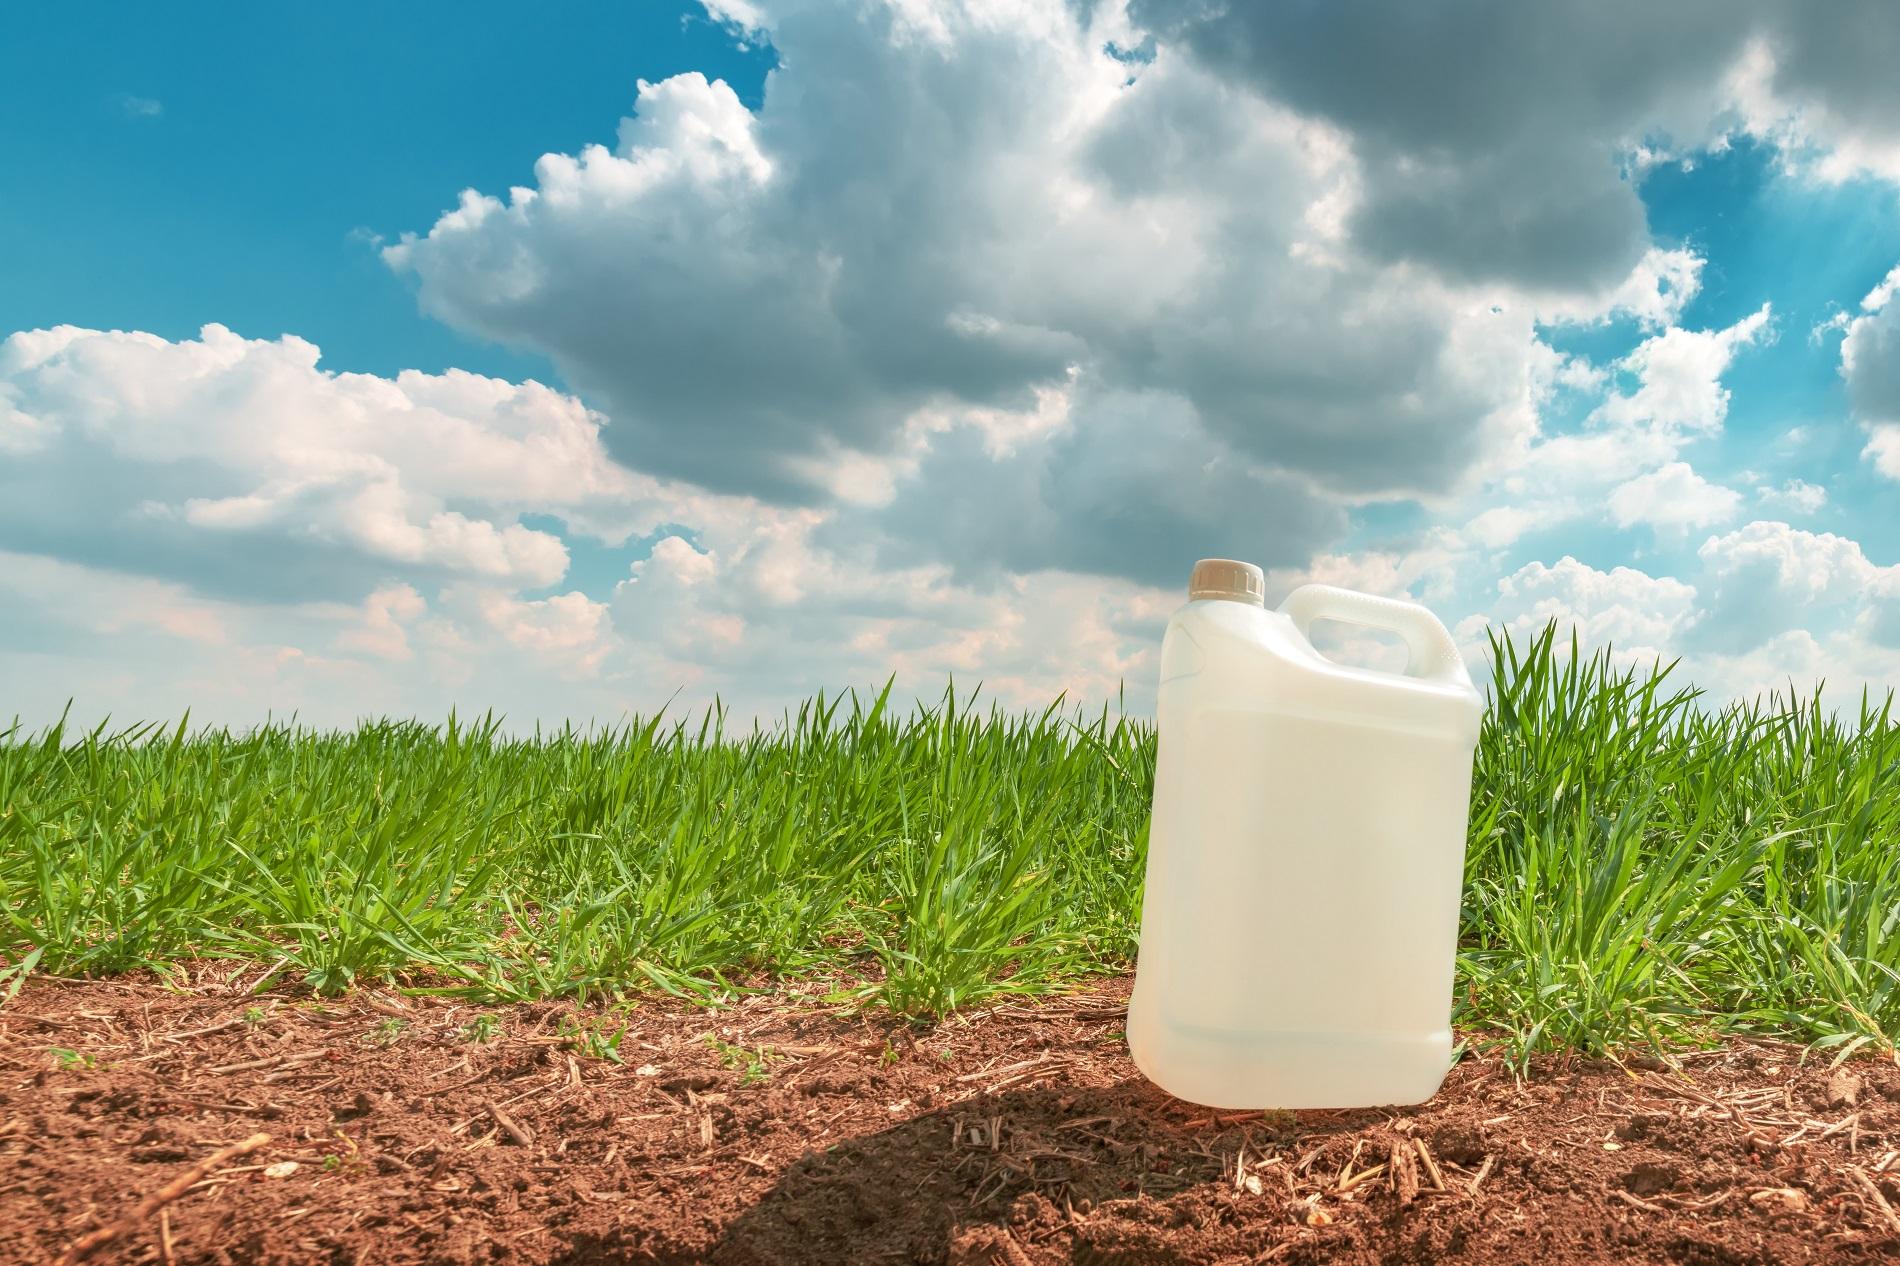 Buenas prácticas agrícolas: Gestión de residuos